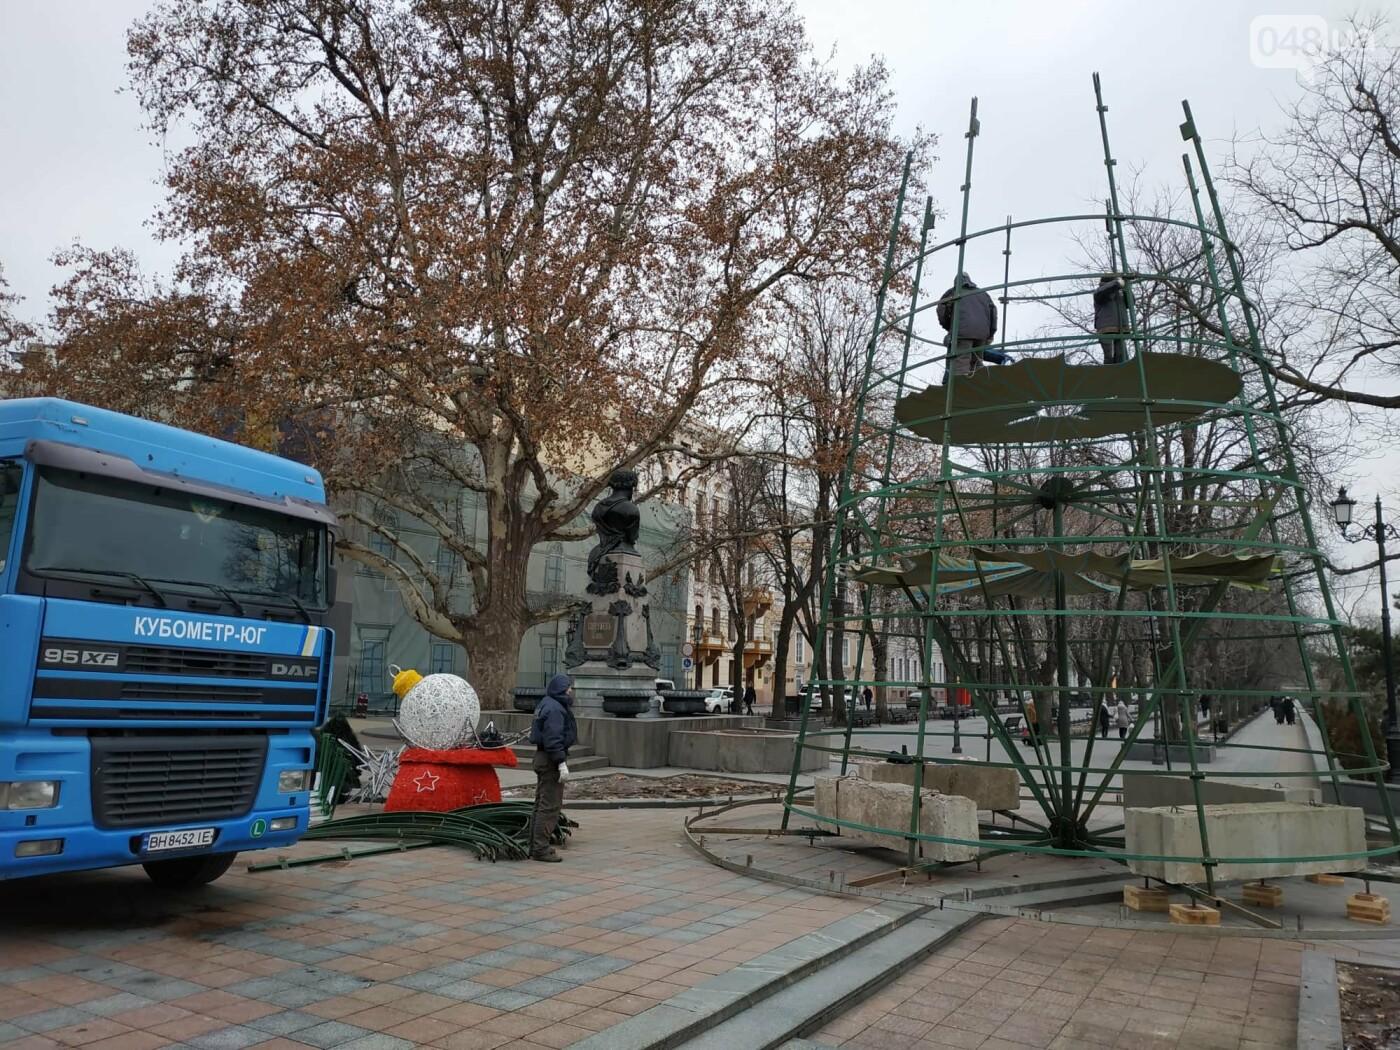 Праздники закончились: главную елку Одессы разбирают, - ФОТО, фото-5